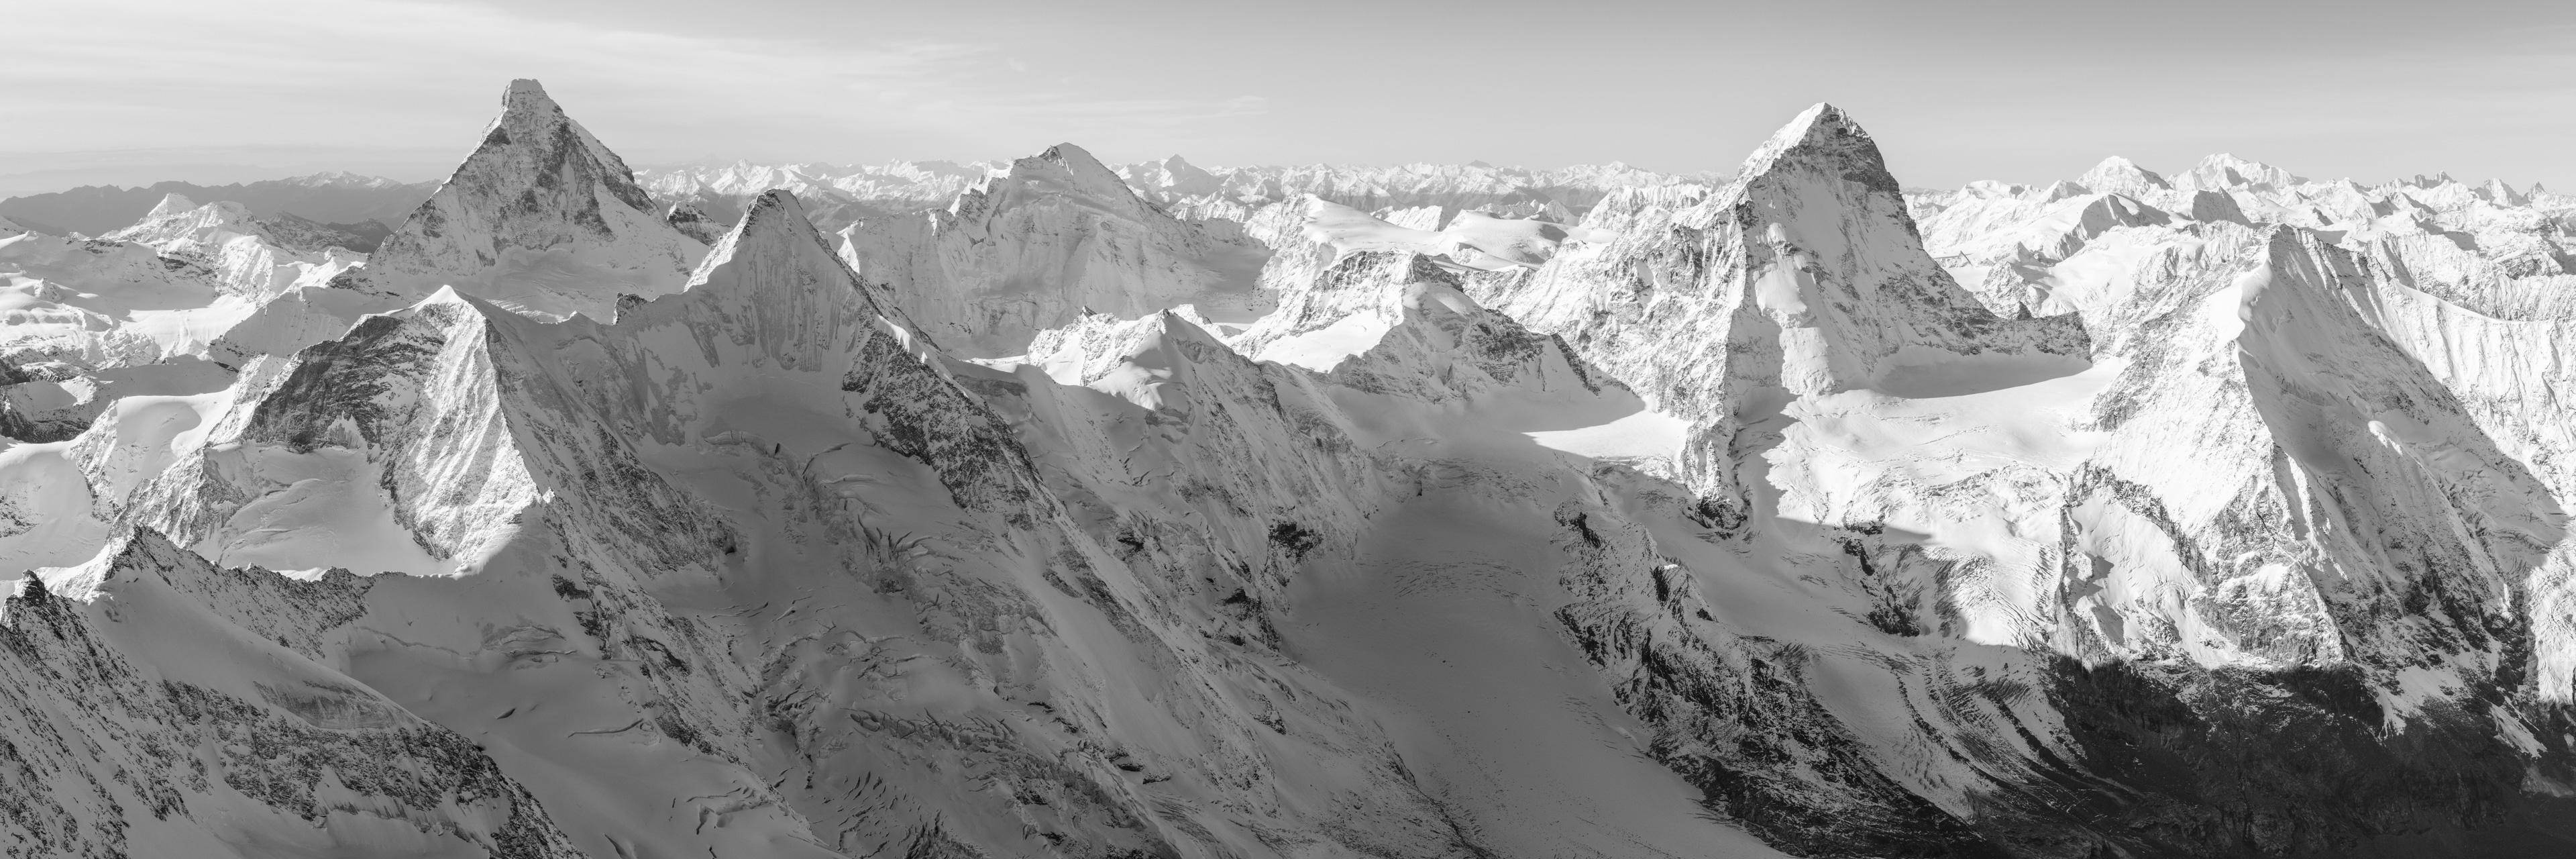 Chamonix Zermatt panorama - Photo panoramique du Cervin au Mont Blanc - Vue panoramique sur les aples valaisanne avec le massif du Mont Blanc- Photo des sommets du Valais